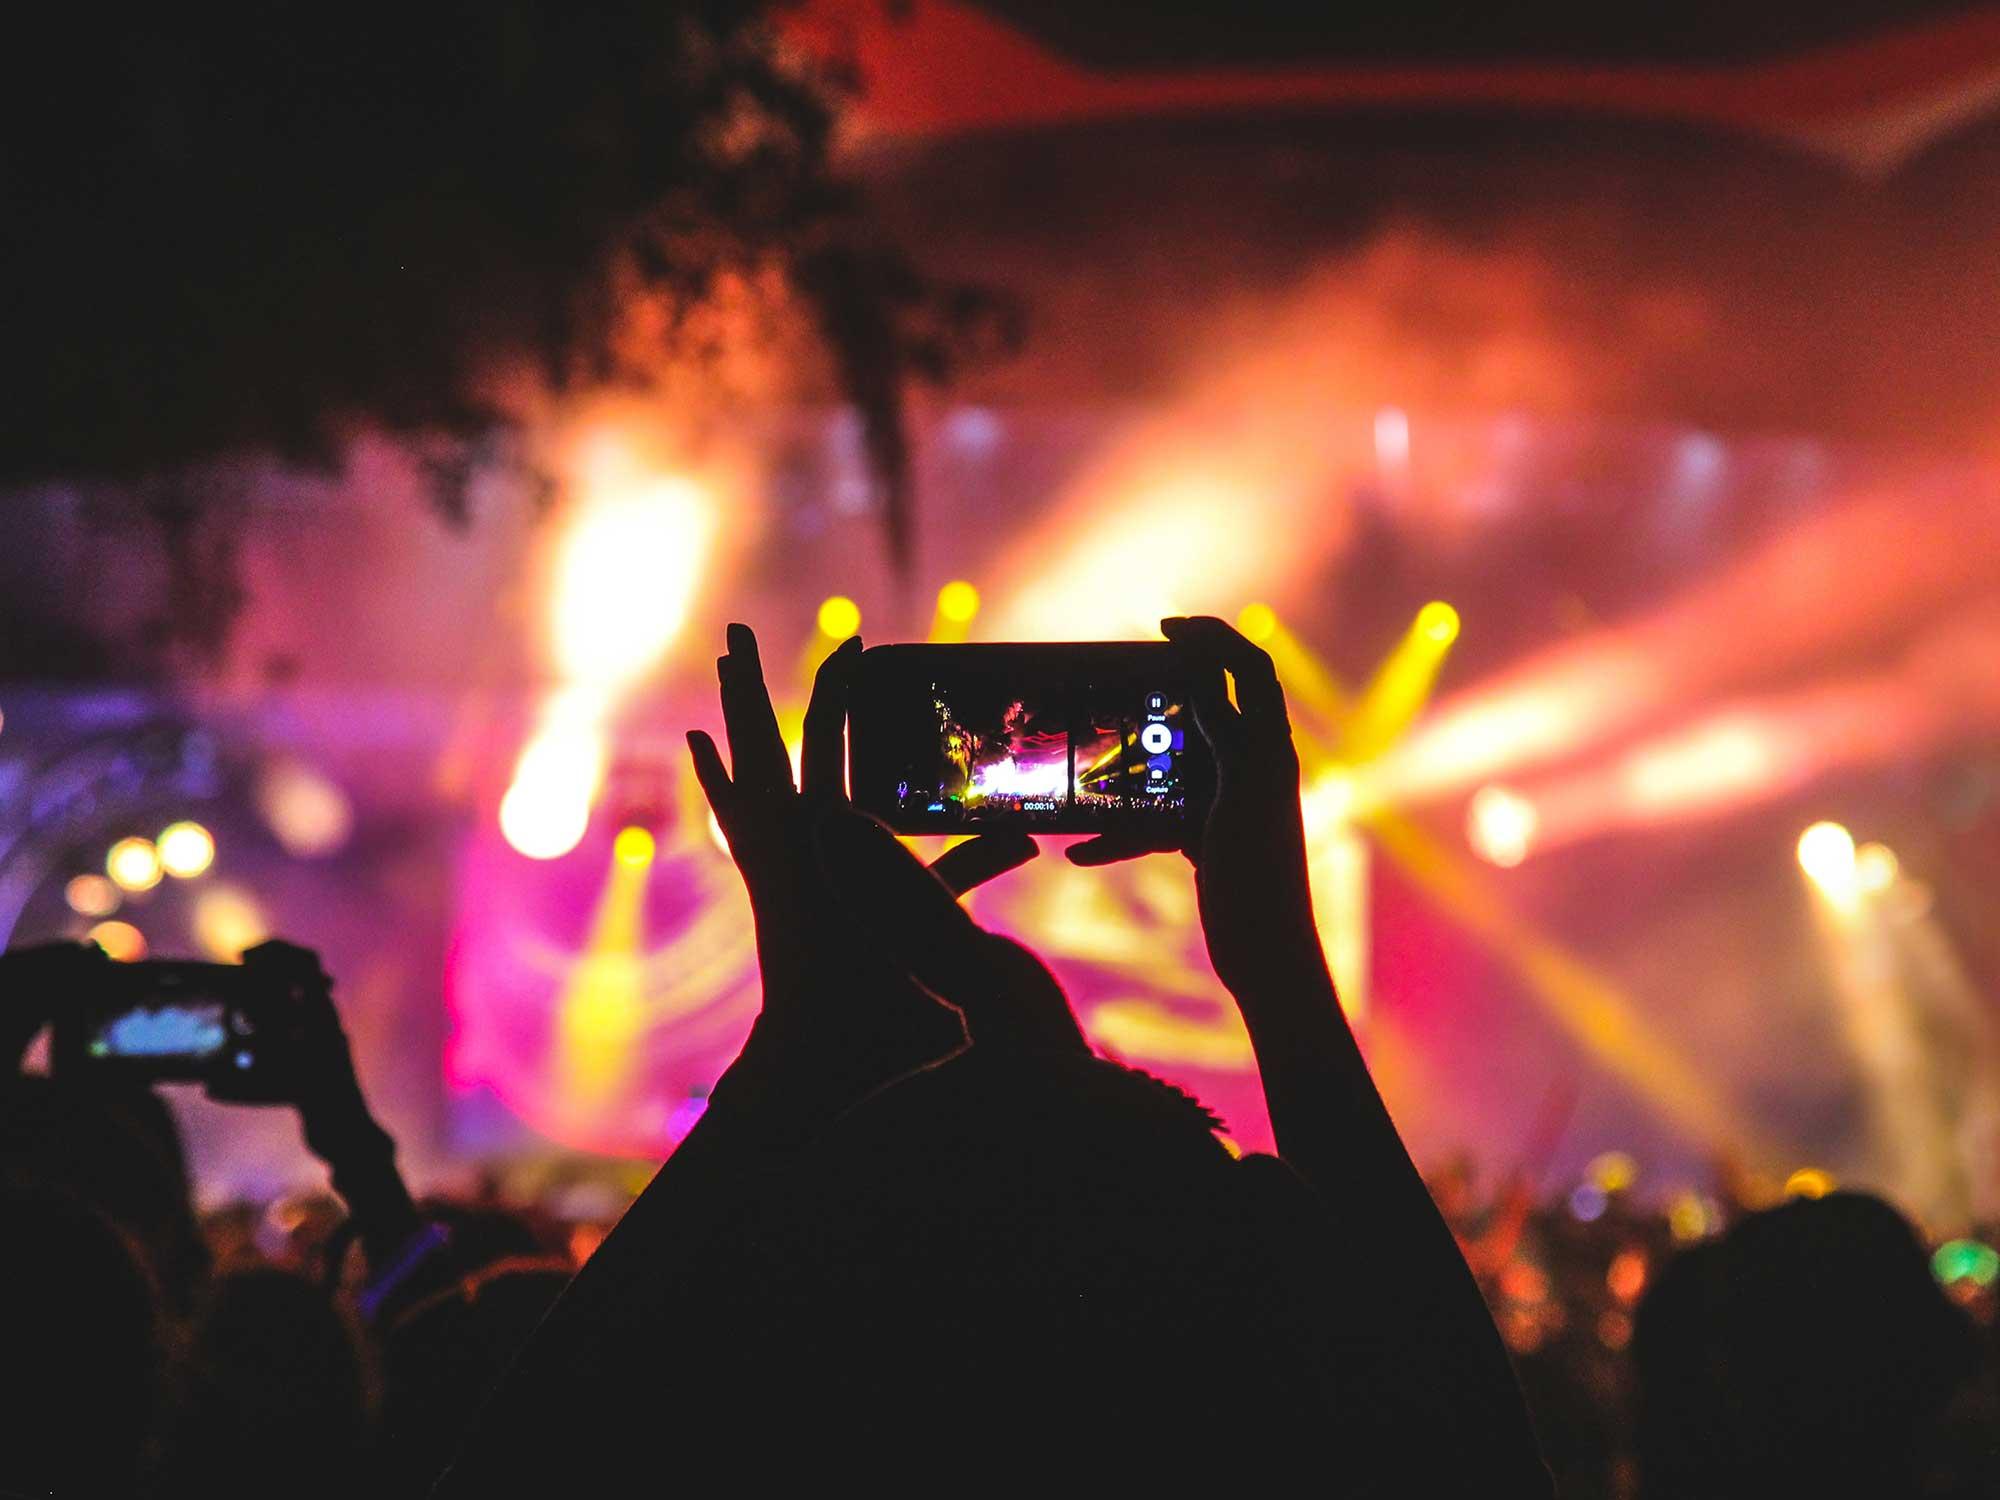 Reels pour réaliser des vidéos courtes sur instagram - Agence Sharing